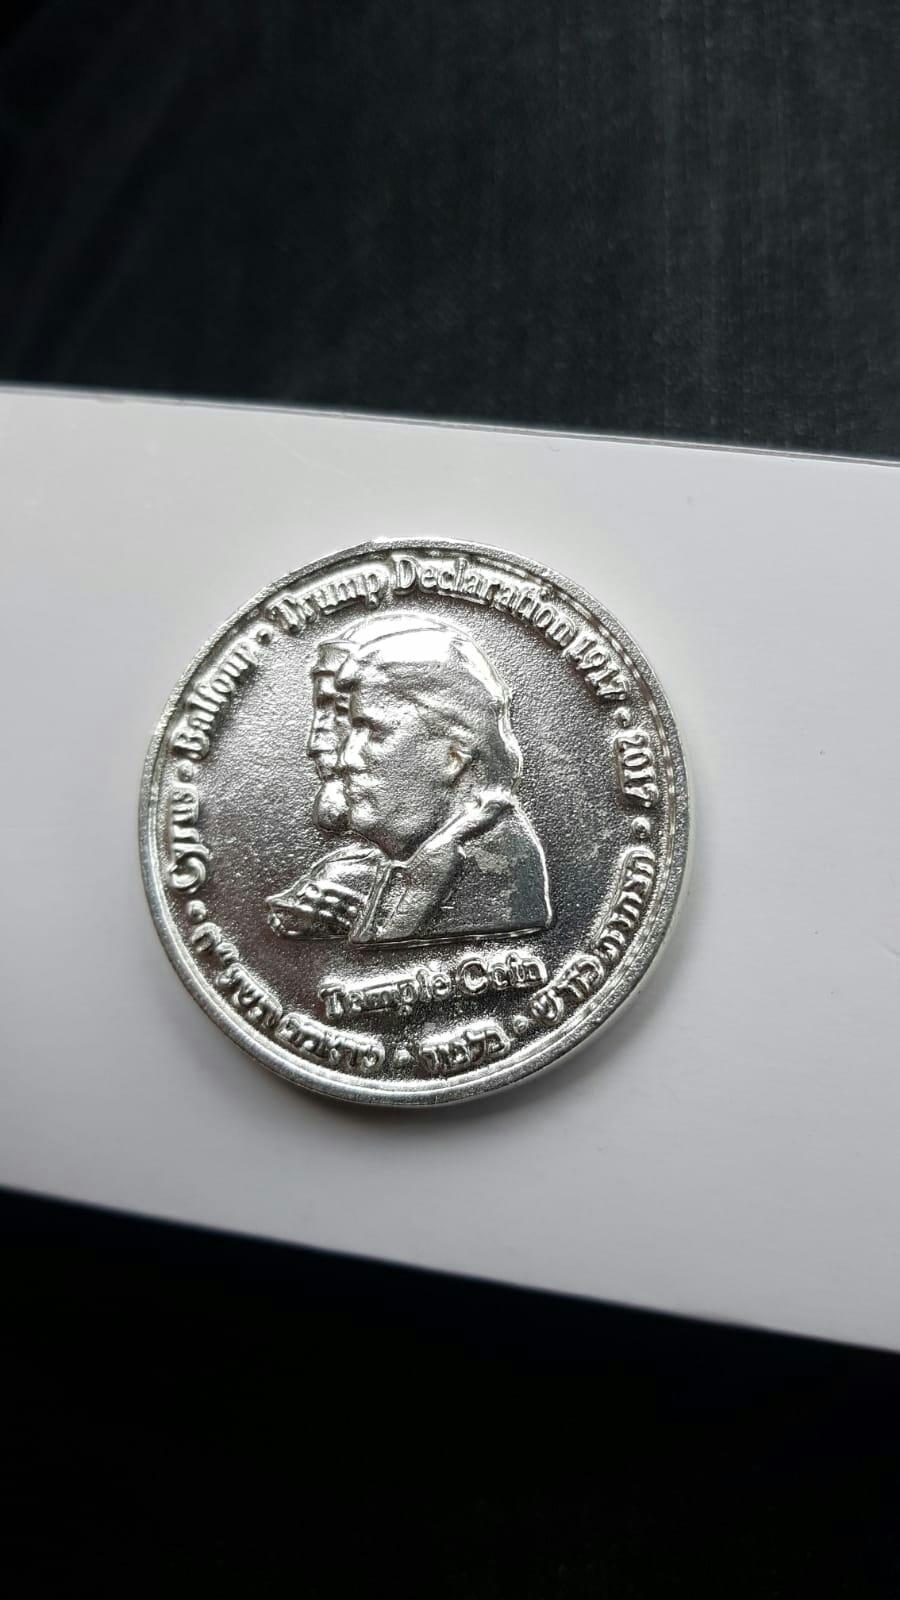 SOLID SILVER ORIGINAL TRUMP COIN 00011